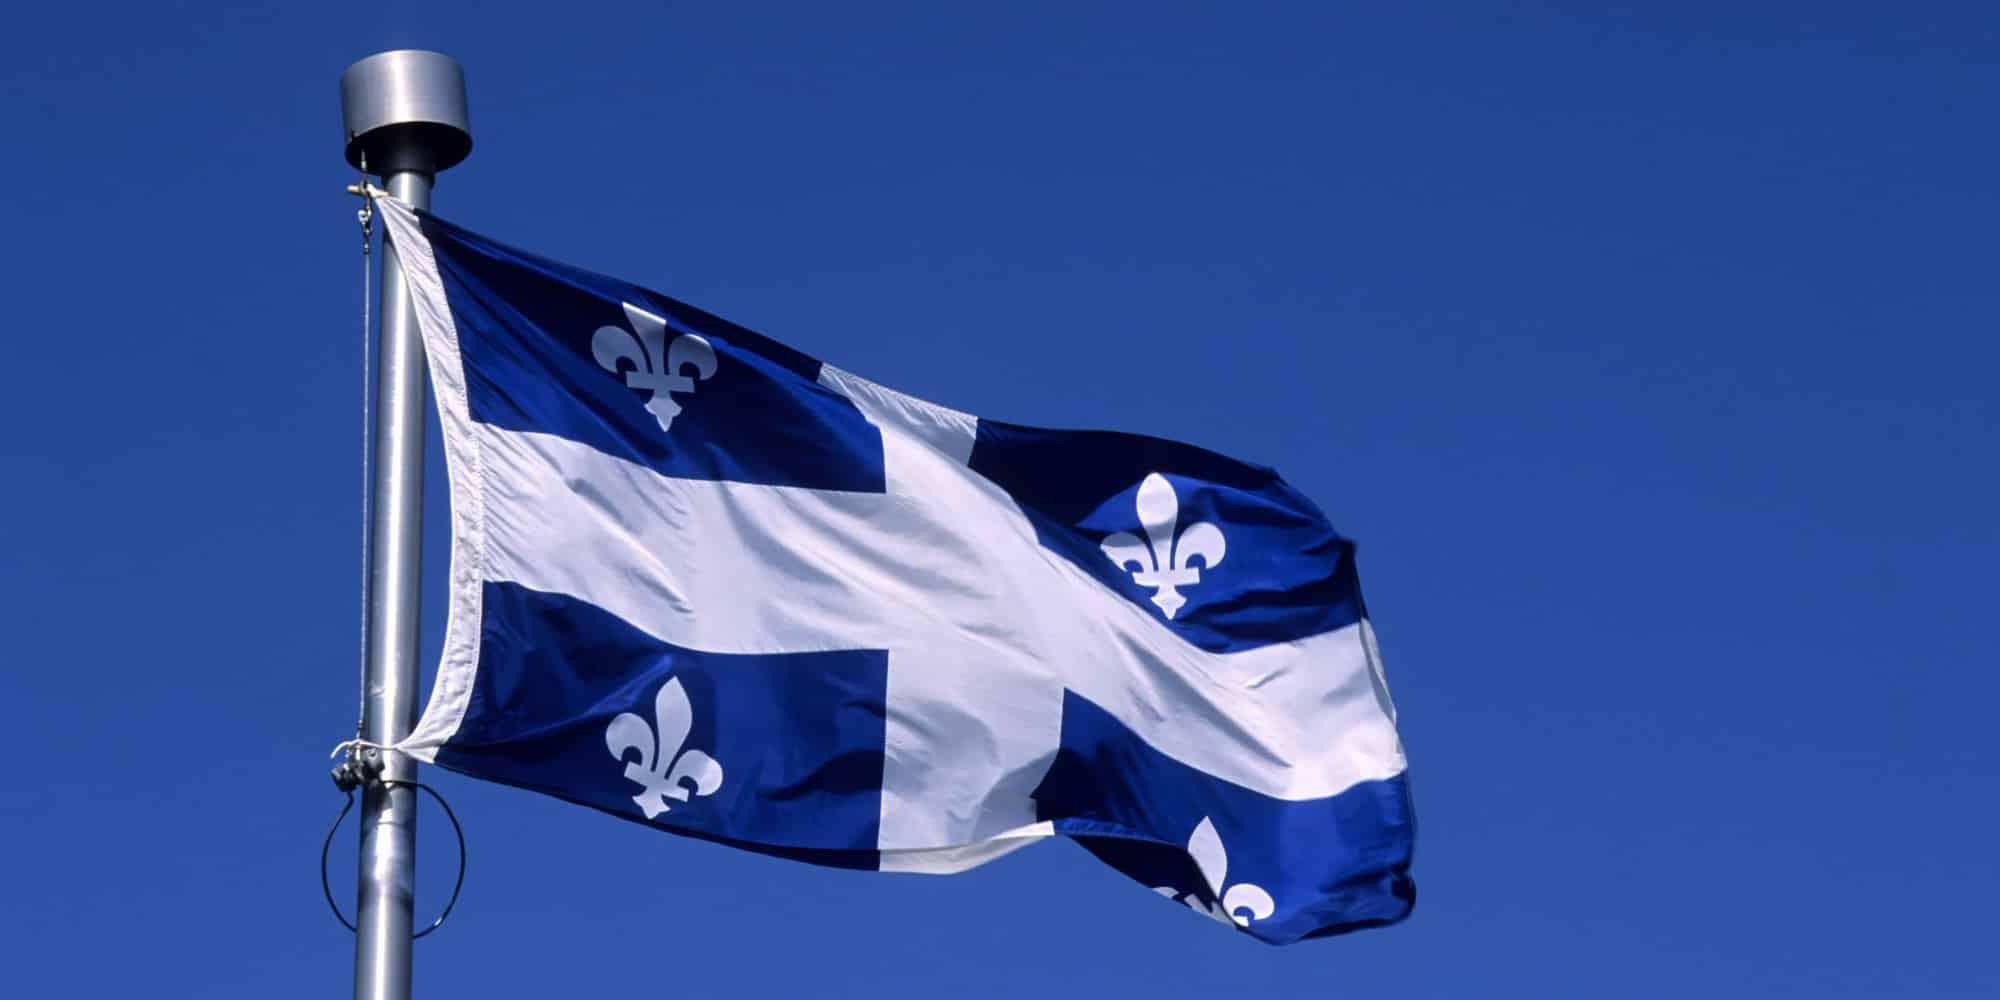 Quebec decide suspender temporalmente el sistema de apadrinamiento de refugiados debido a exceso de solicitudes